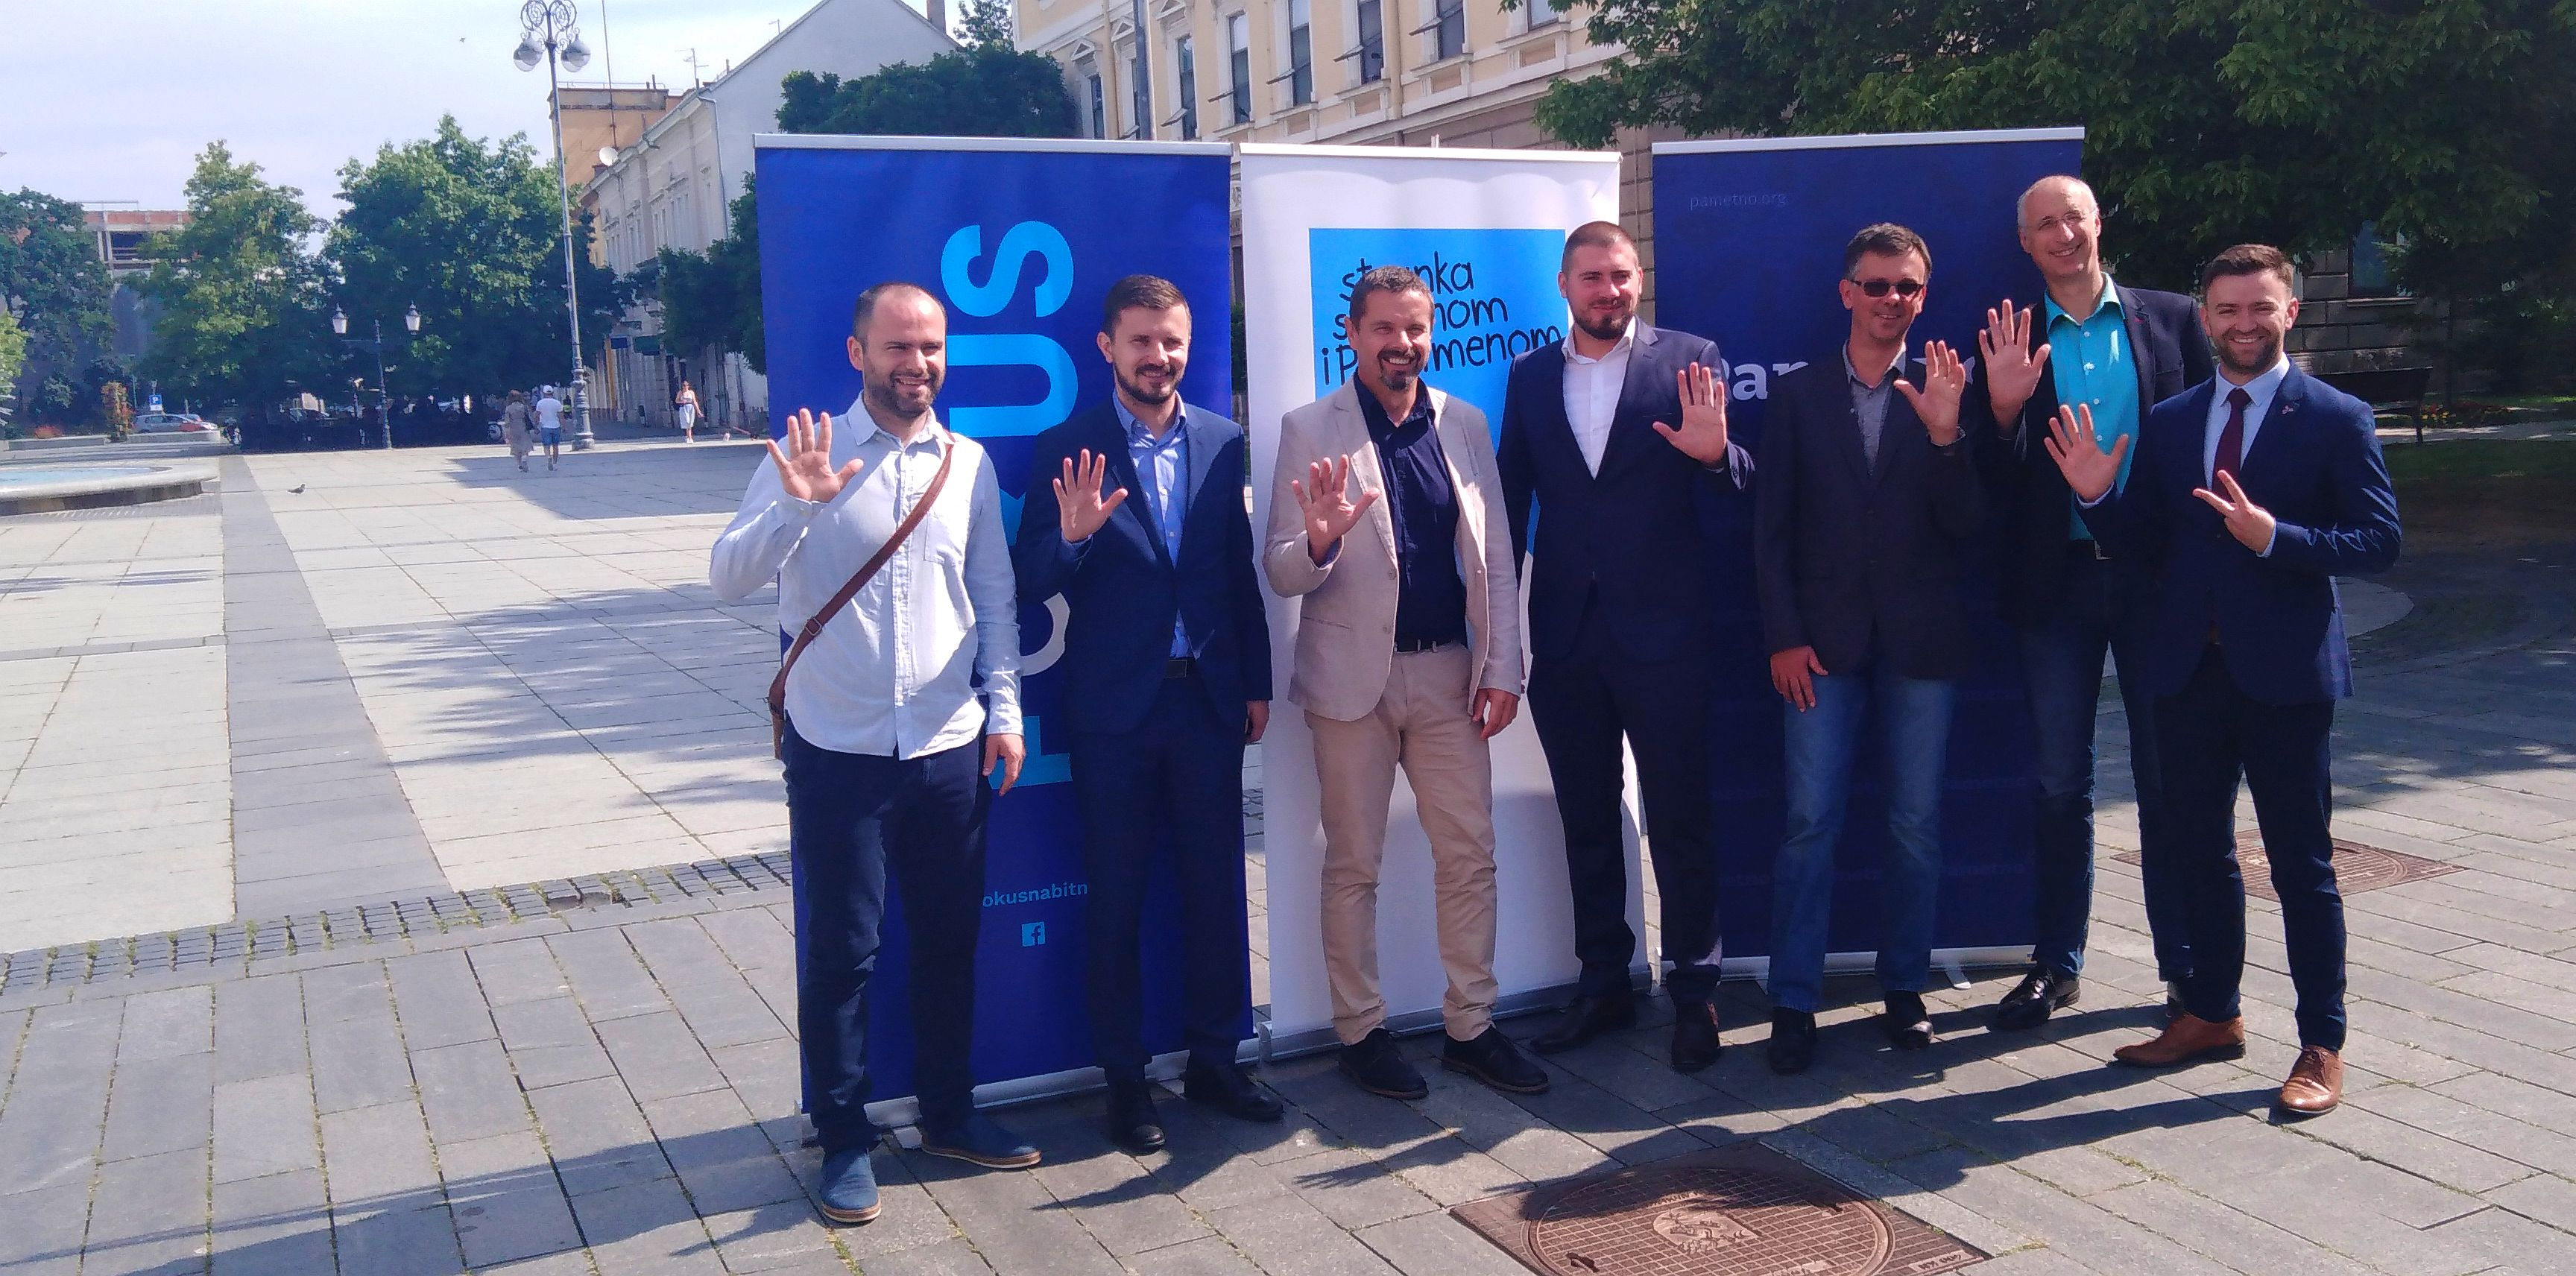 Kandidati liste broj 5 – koalicije STRIP-a, Pametno i Fokus predstavili se i u Slavonskom Brodu